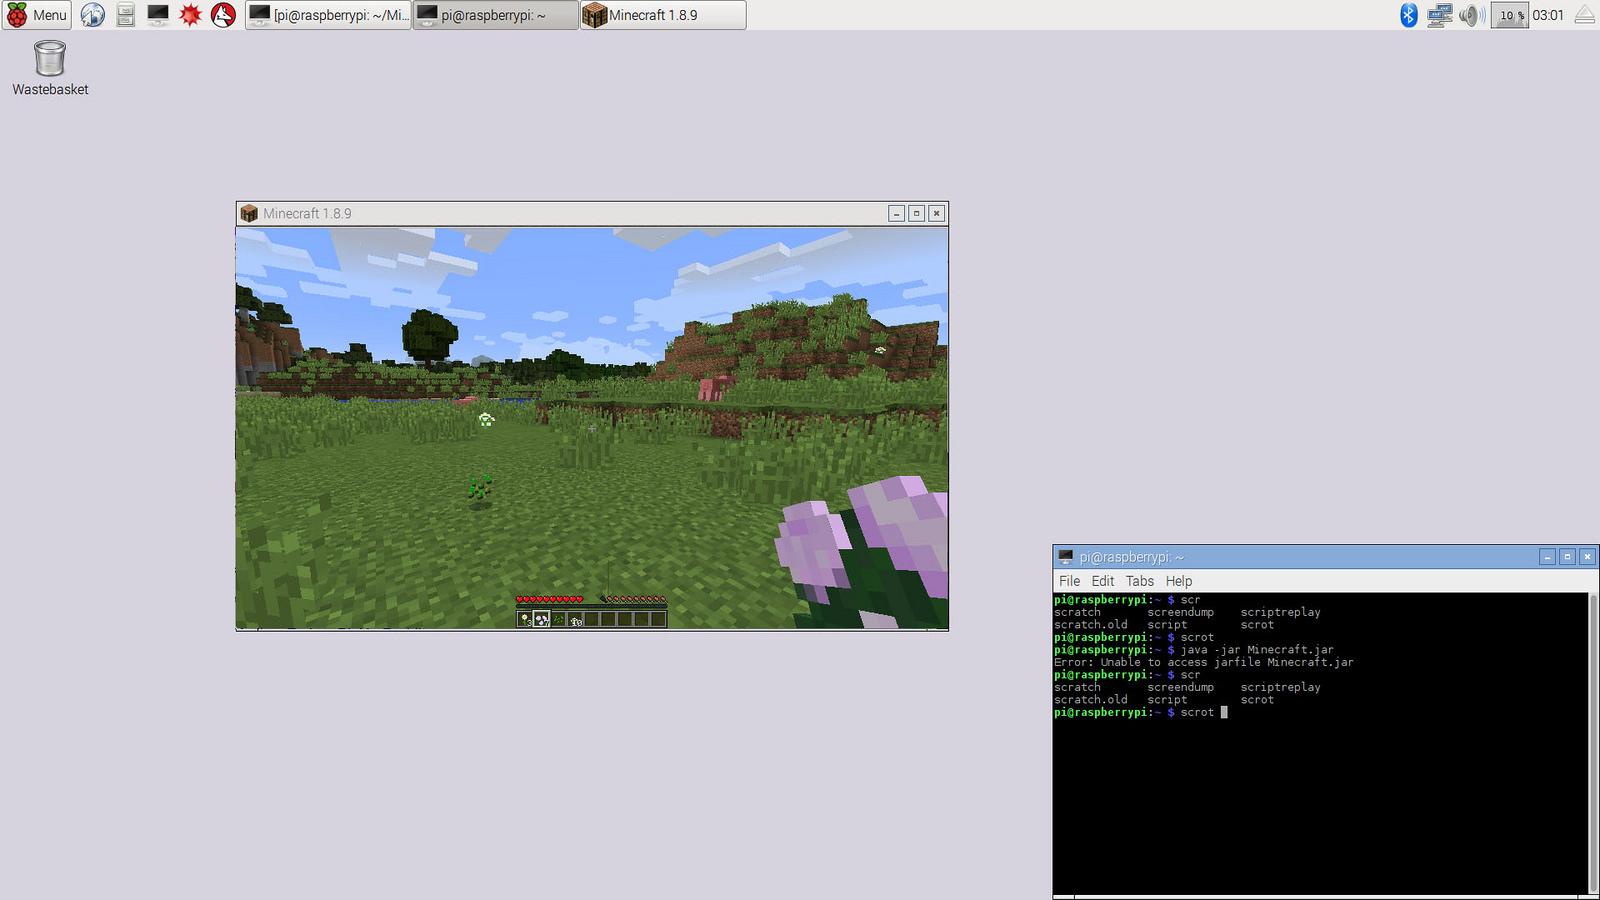 How to Build a Minecraft Server with Raspberry Pi 3 - Linux com